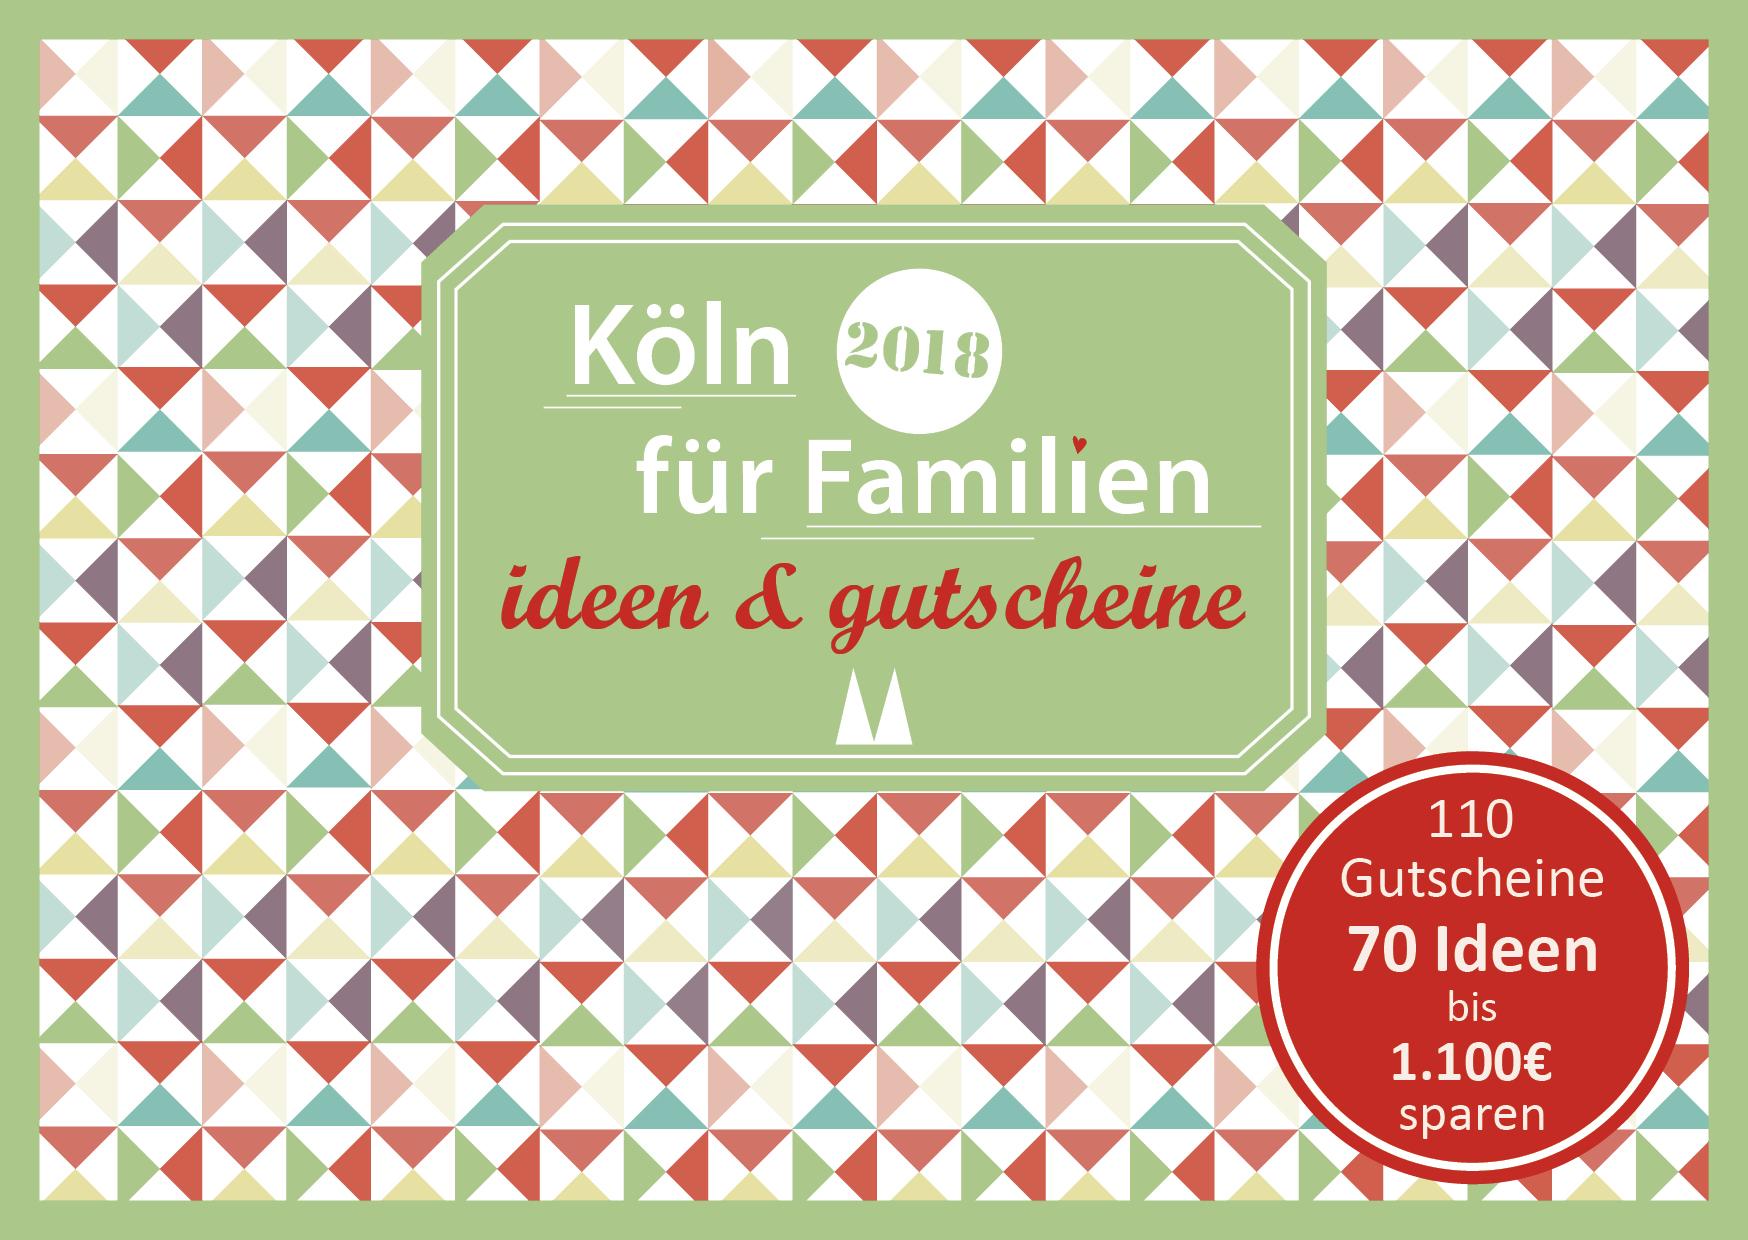 Familien Gutscheinbuch Koeln Cover 2018 final 1 - Gutscheinbuch Köln 2018